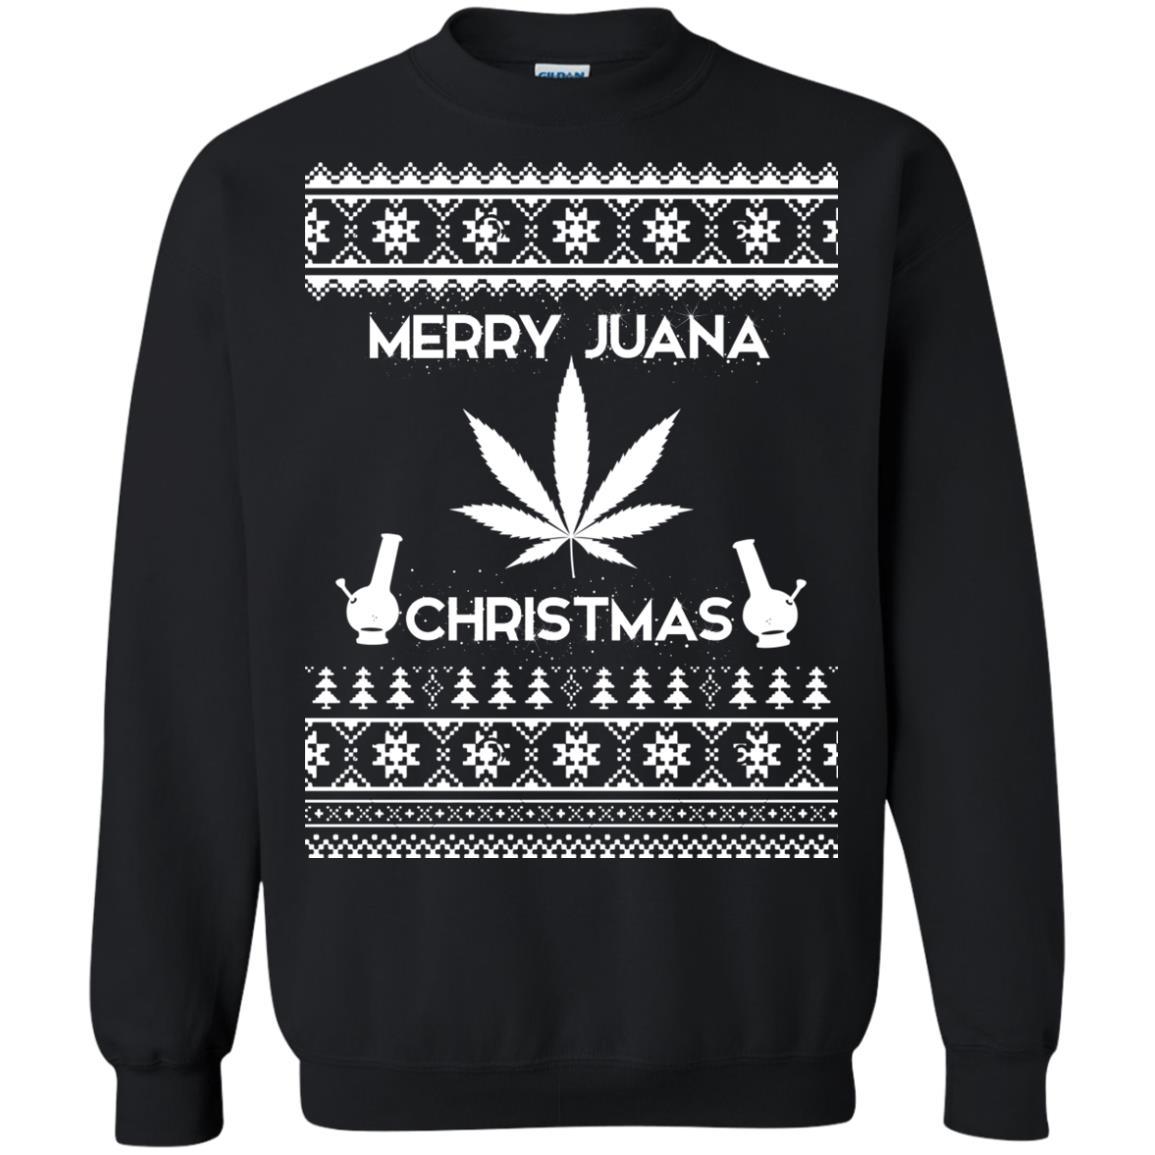 image 3890 - Merry Juana Weed Christmas Sweater, Ugly Sweatshirt